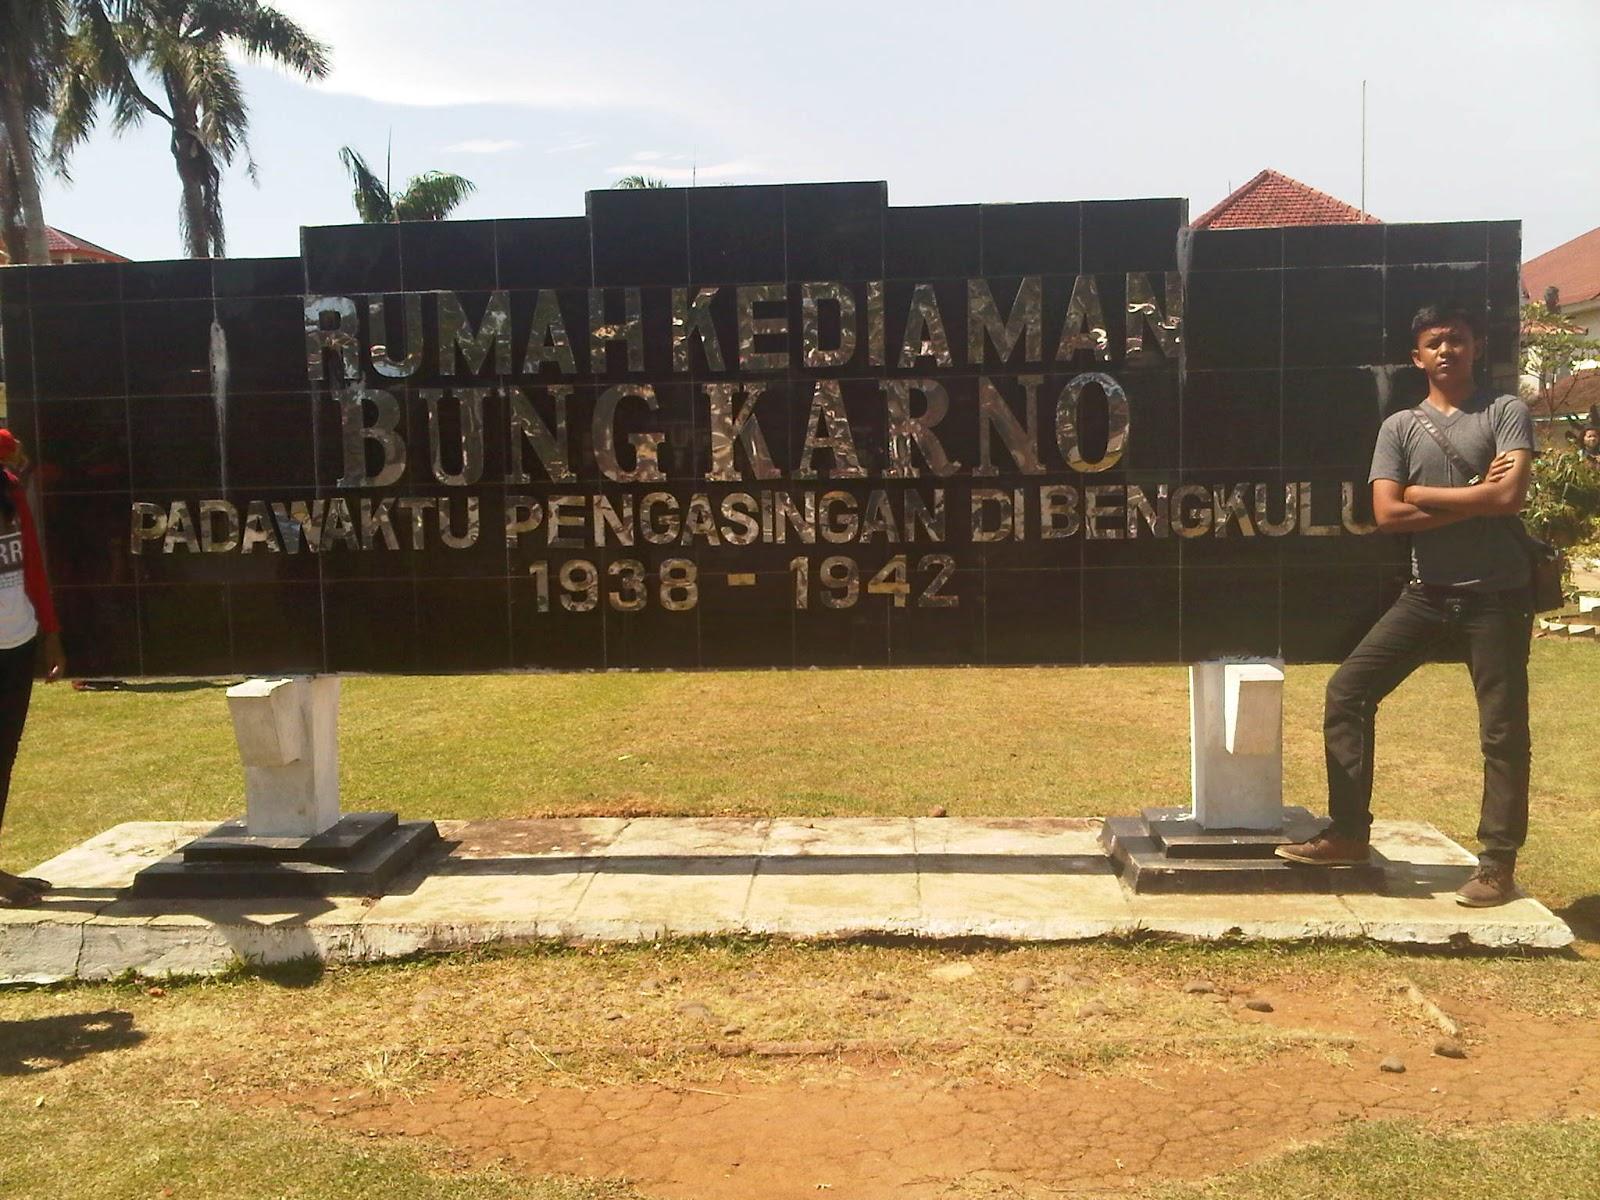 Peninggalan Saejarah Bengkulu Sejarah Rumah Soekarno Terletak Jalan Jeruk Berganti